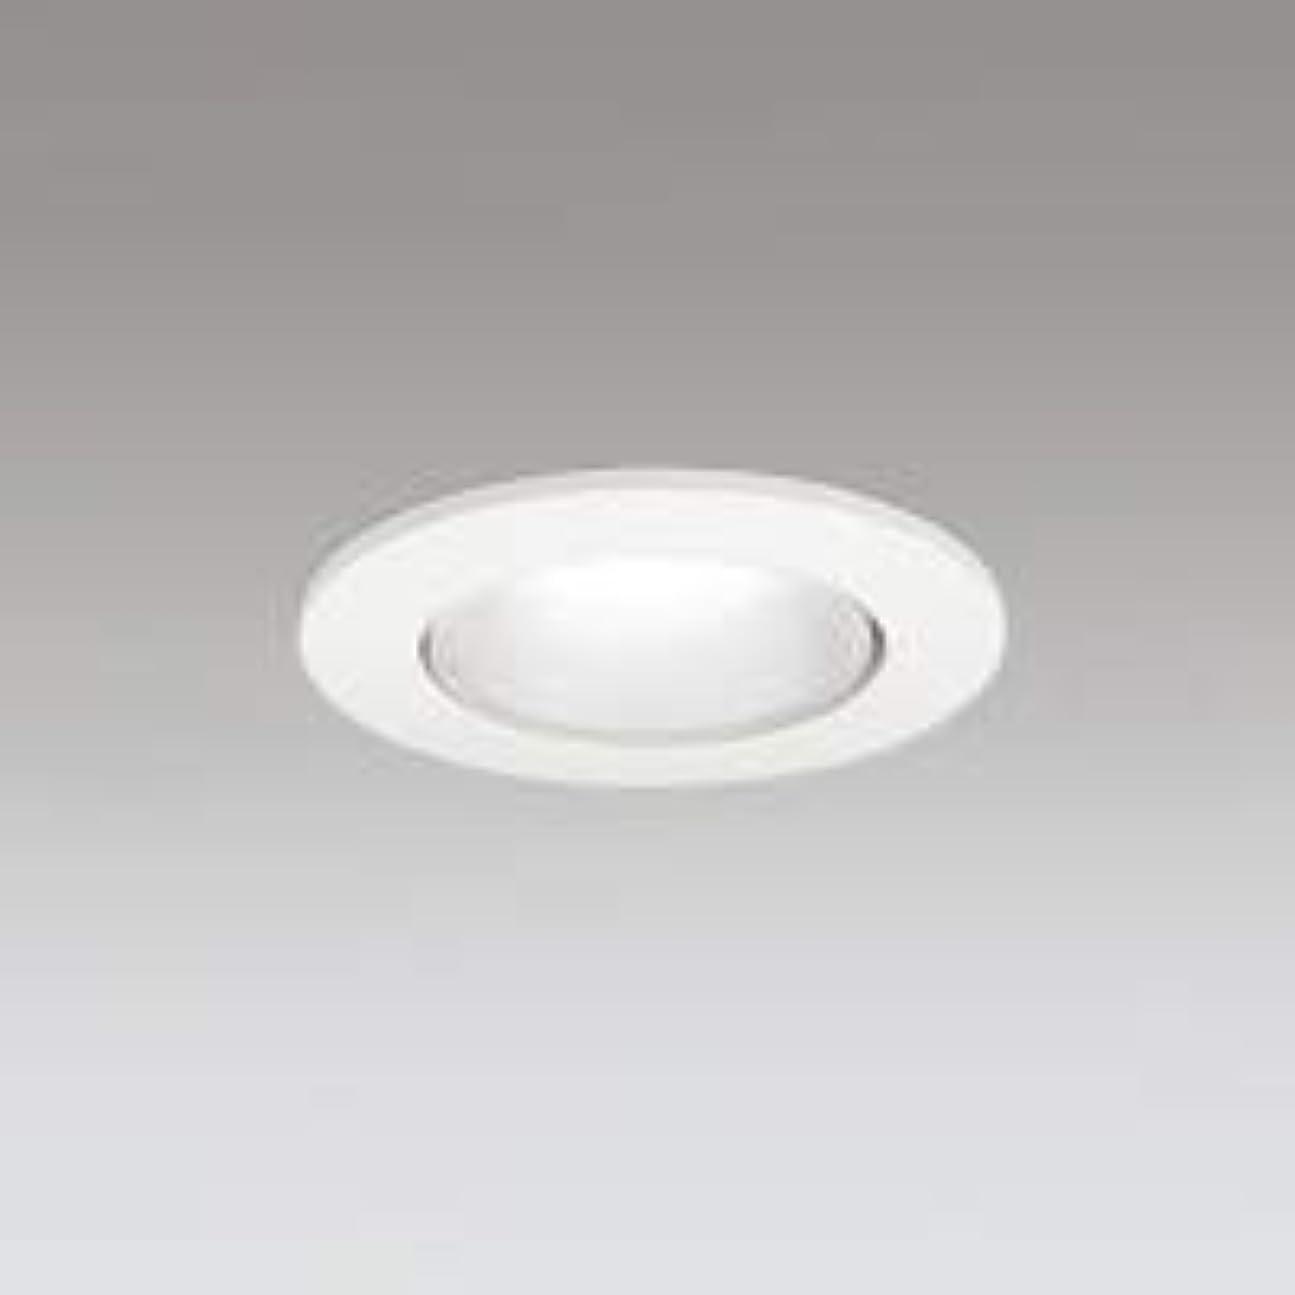 鳴らす使用法線ODELIC LEDダウンライト ミニマム-エス 専用調光器対応 白熱灯60W相当 ワイド配光 埋込穴Φ50mm 本体色オフホワイト 光色温白色 高気密SB コーンタイプ LED一体型 OD361374